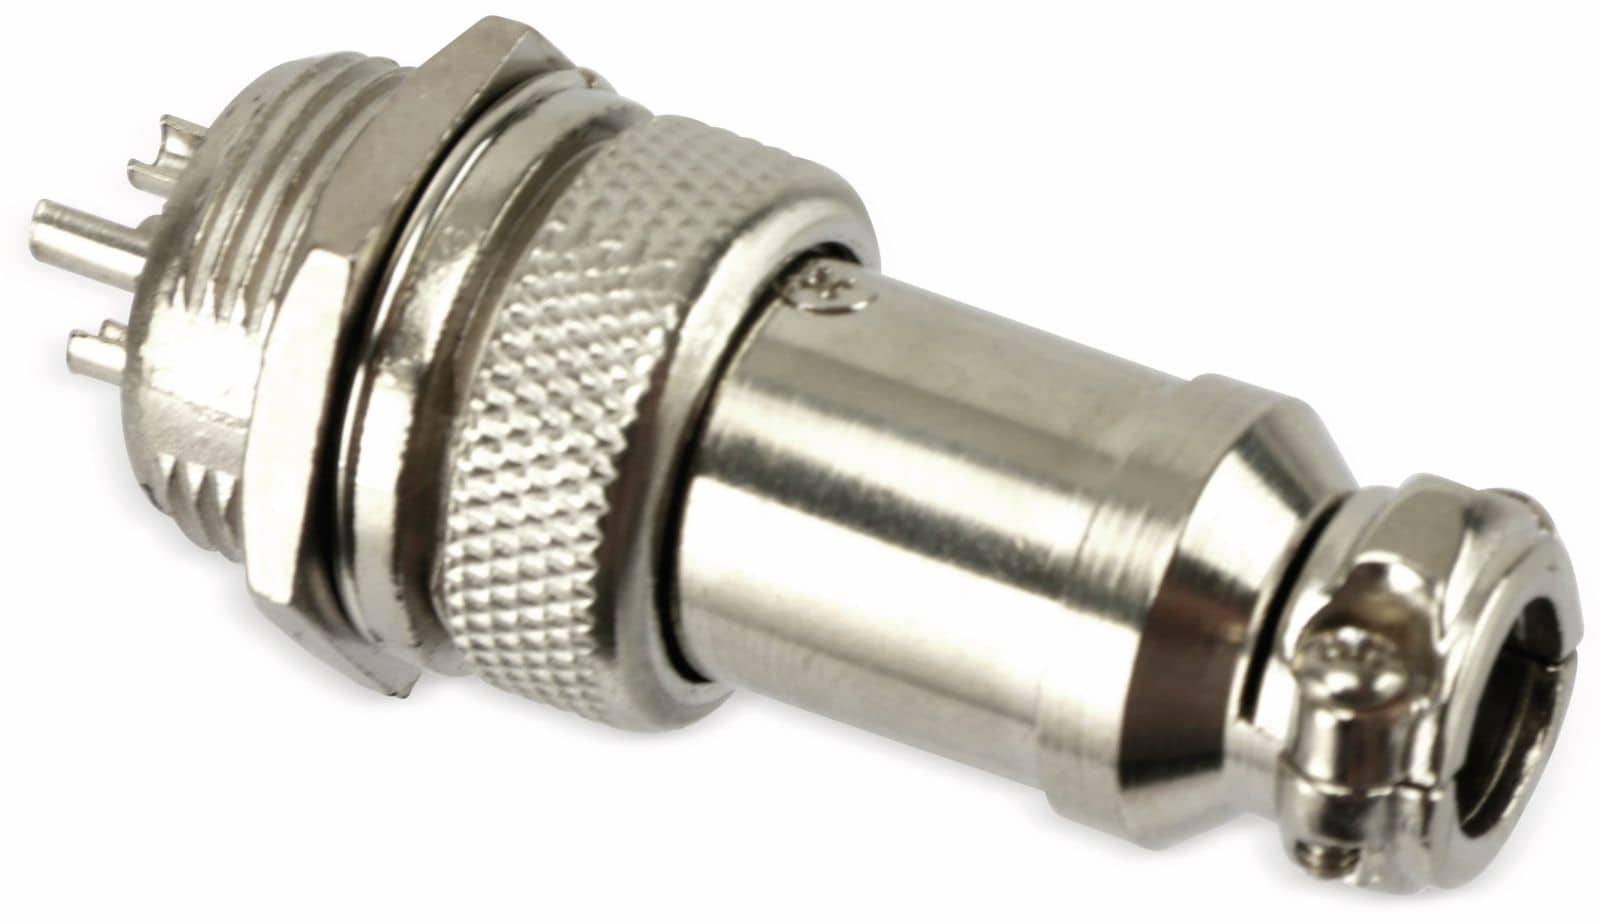 GX12 GX16 GX20 Schutzkappe 12mm 16mm 20mm Stecker Buchse Steckverbinder Kappen